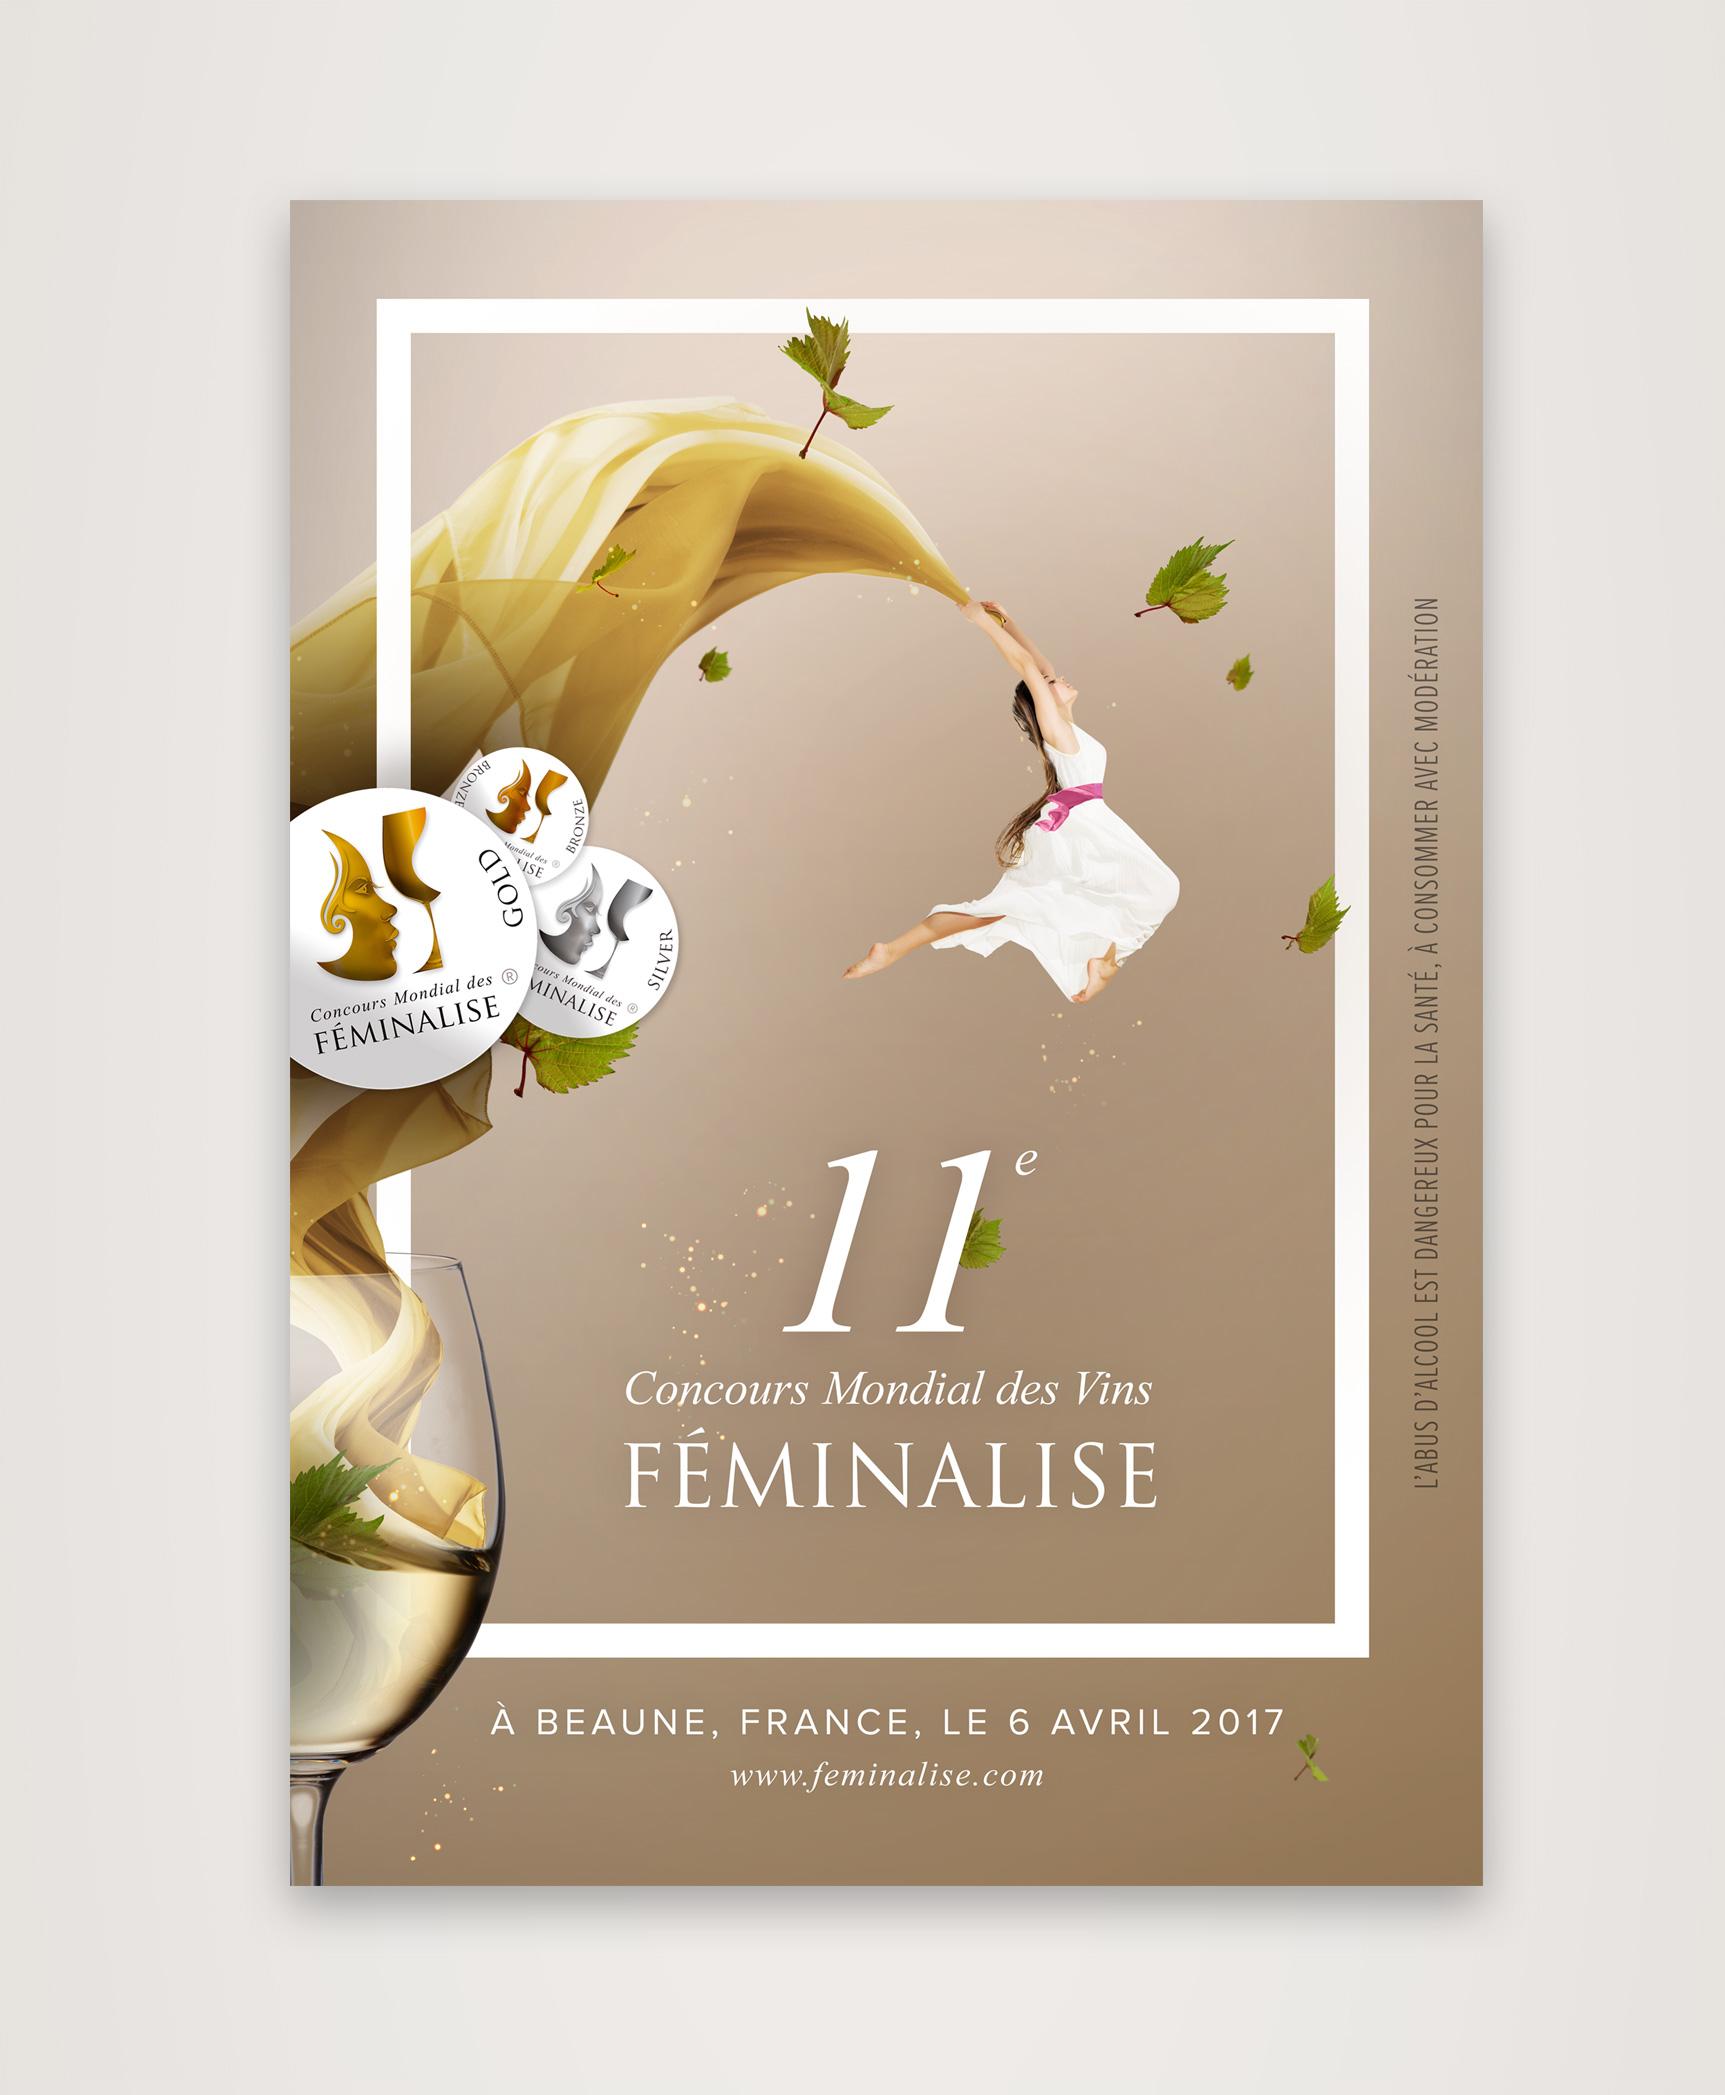 affiche-feminalise-2017-2